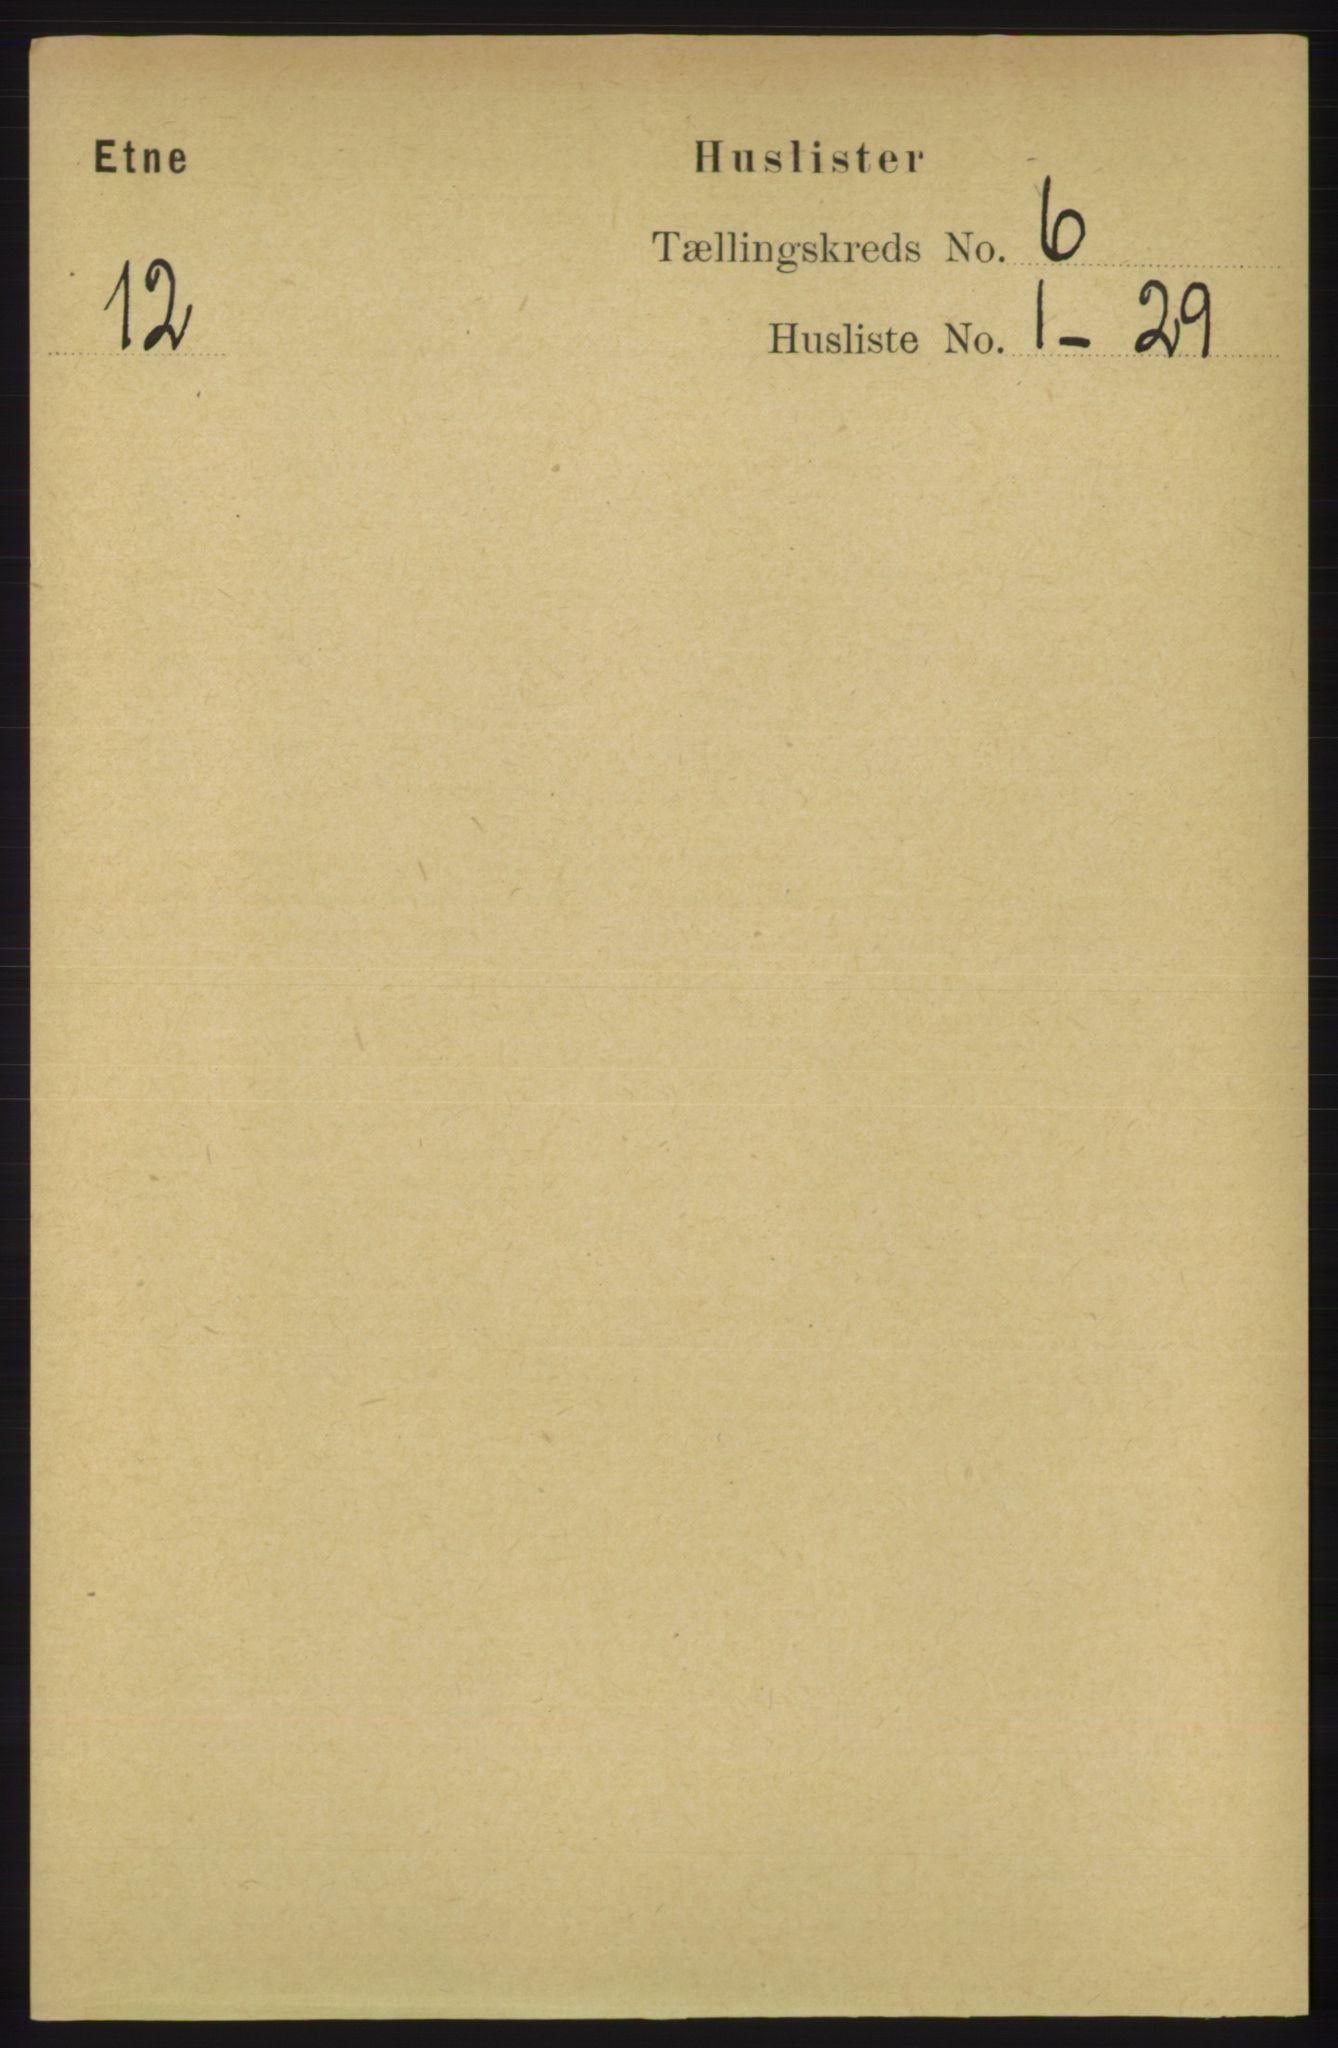 RA, Folketelling 1891 for 1211 Etne herred, 1891, s. 1181